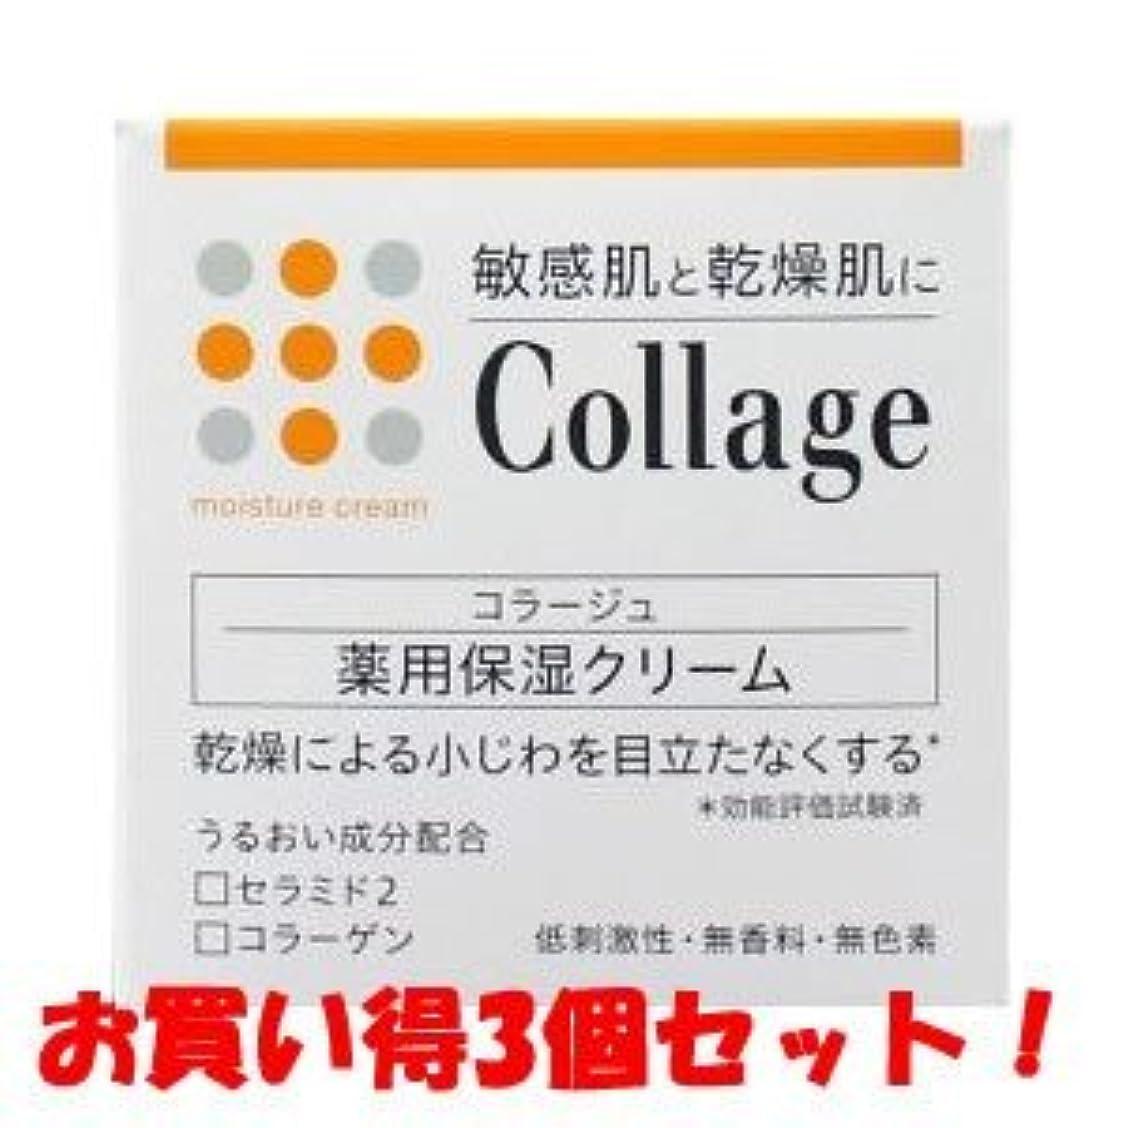 教育学乱雑な公然と(持田ヘルスケア)コラージュ 薬用保湿クリーム 30g(医薬部外品)(お買い得3個セット)